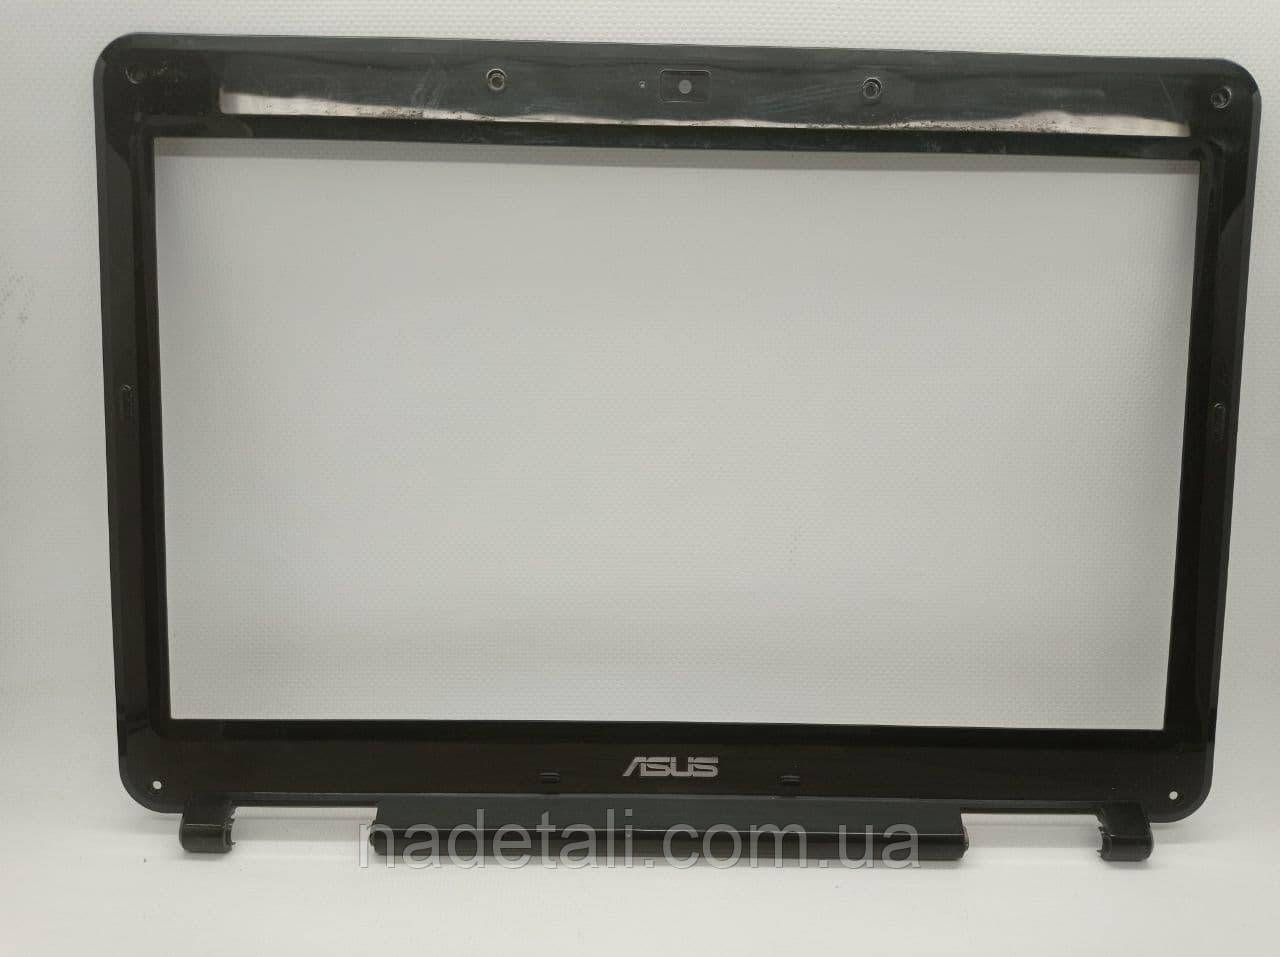 Рамка матрицы Asus K40AD 13N0-E6A0101